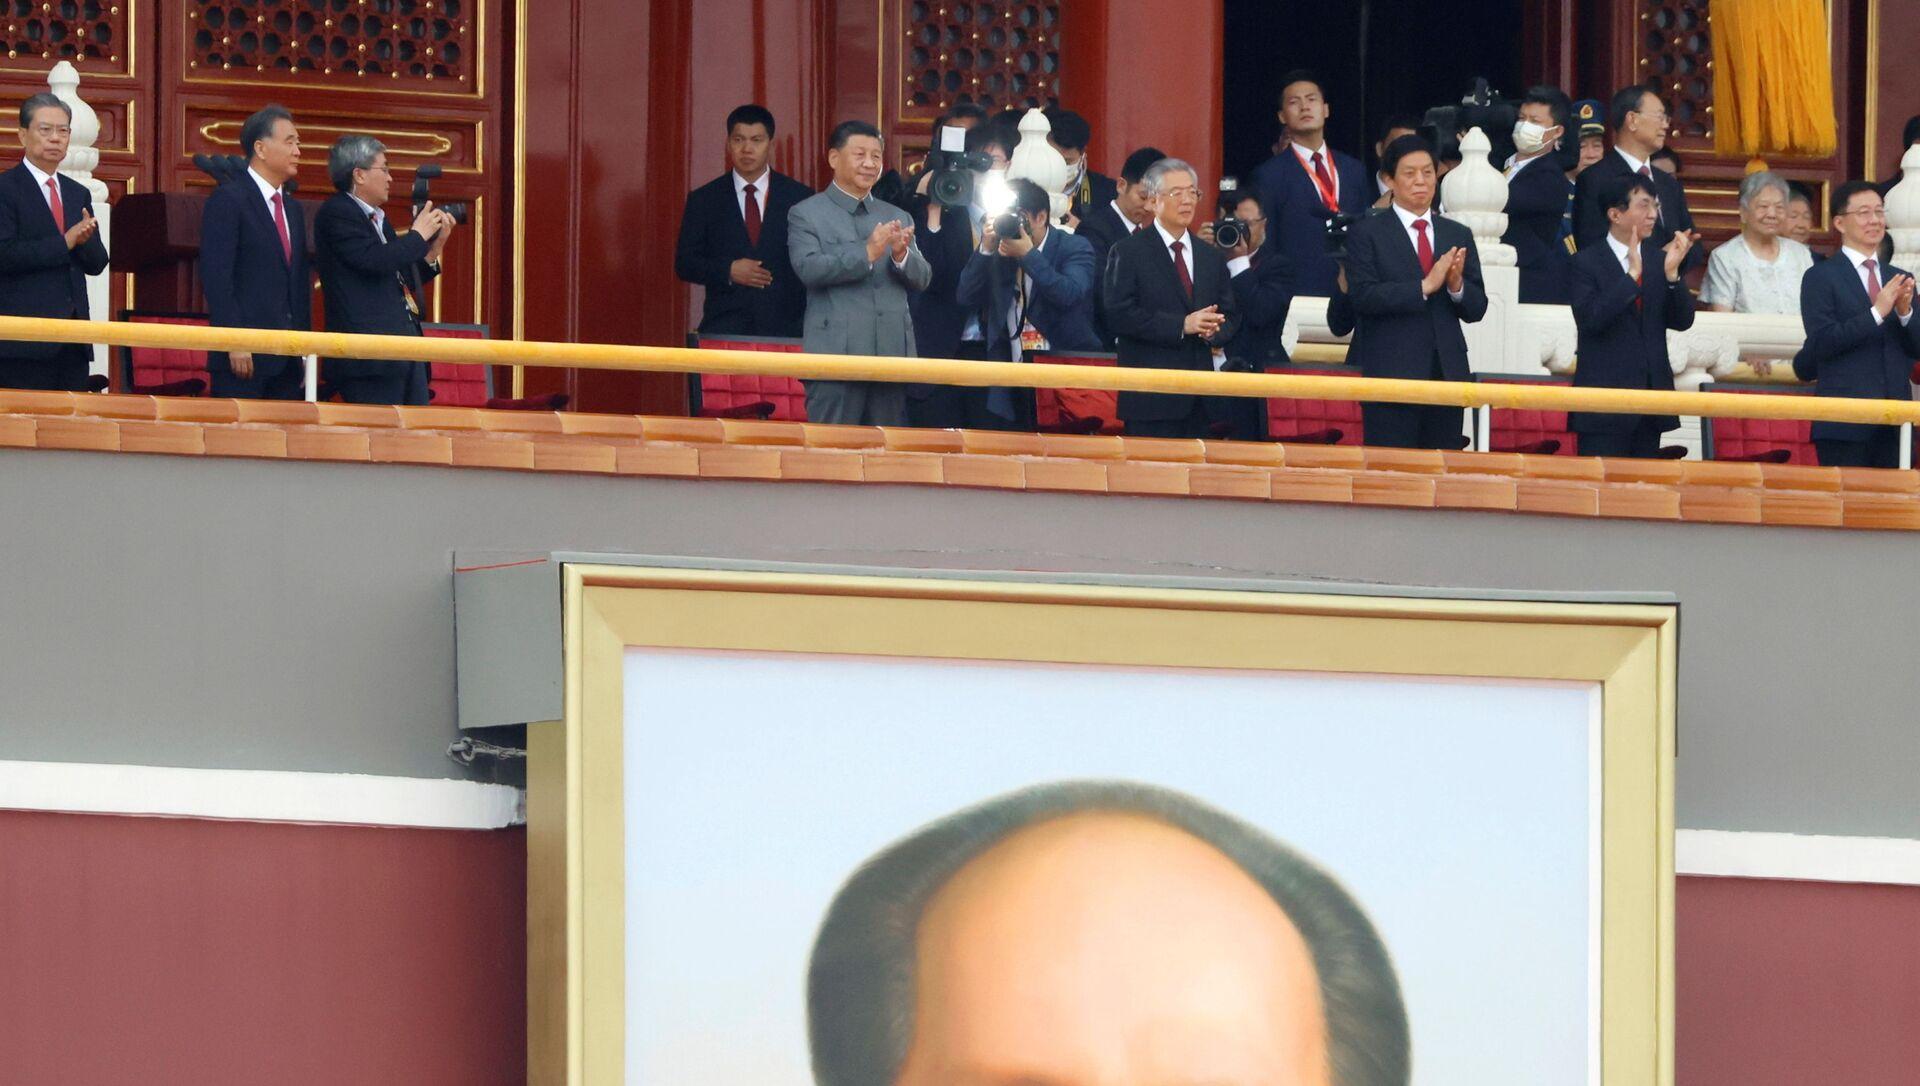 Le Président chinois Xi Jinping lors du 100e anniversaire du Parti communiste chinois, le 1er juillet 2021 à Pékin - Sputnik France, 1920, 01.07.2021